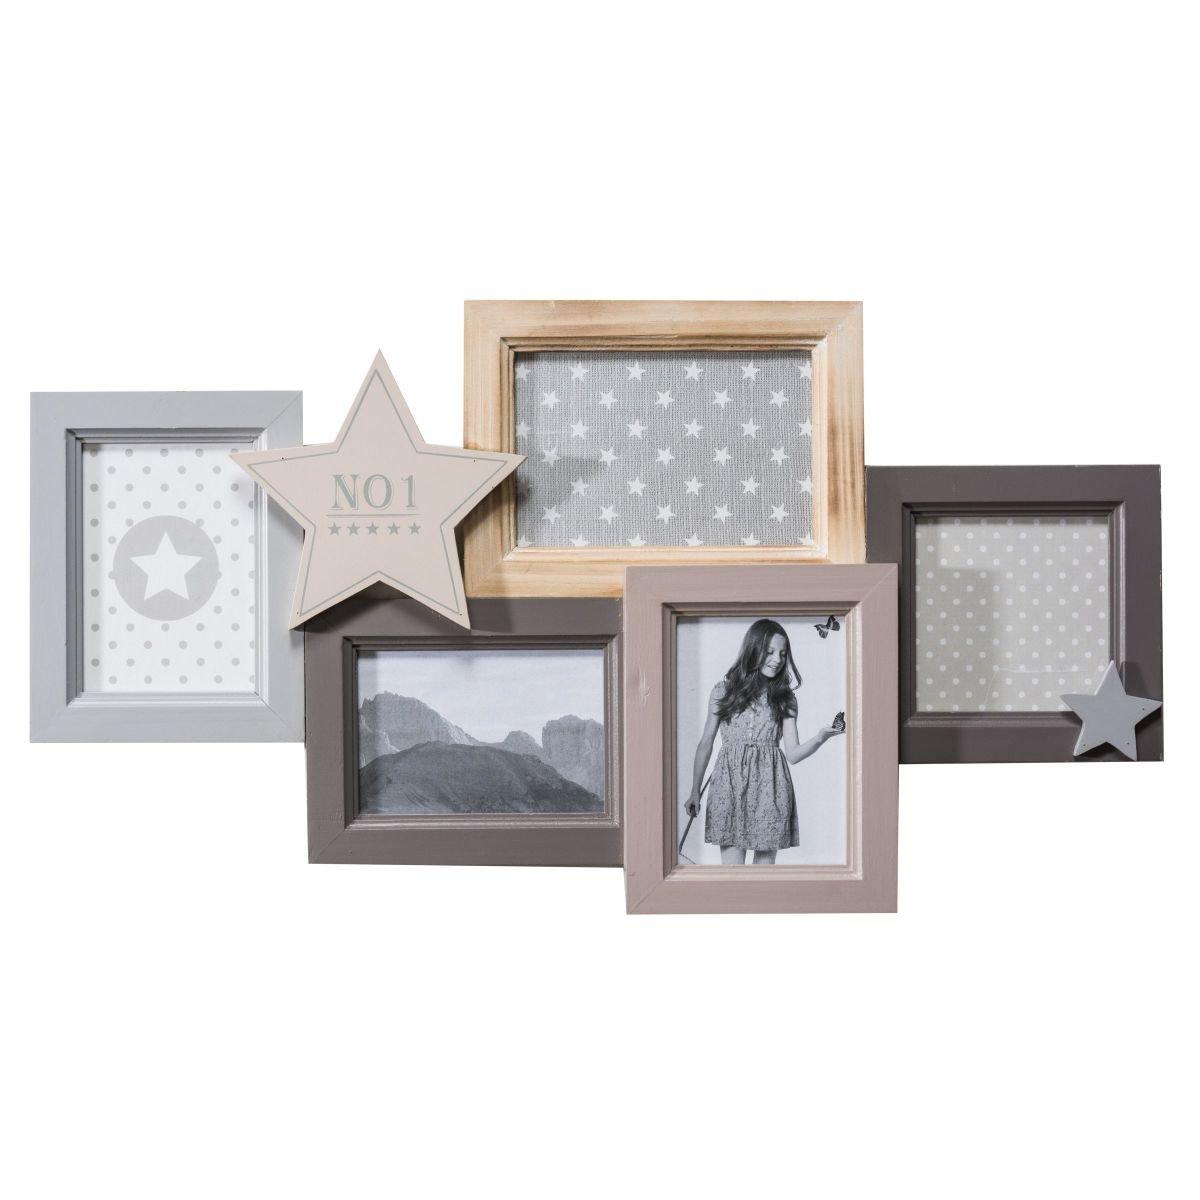 Portaretrato estrella galería de fotos para 5 fotos madera gris aprox. ancho 55 x altura 30 cm.: Amazon.es: Hogar